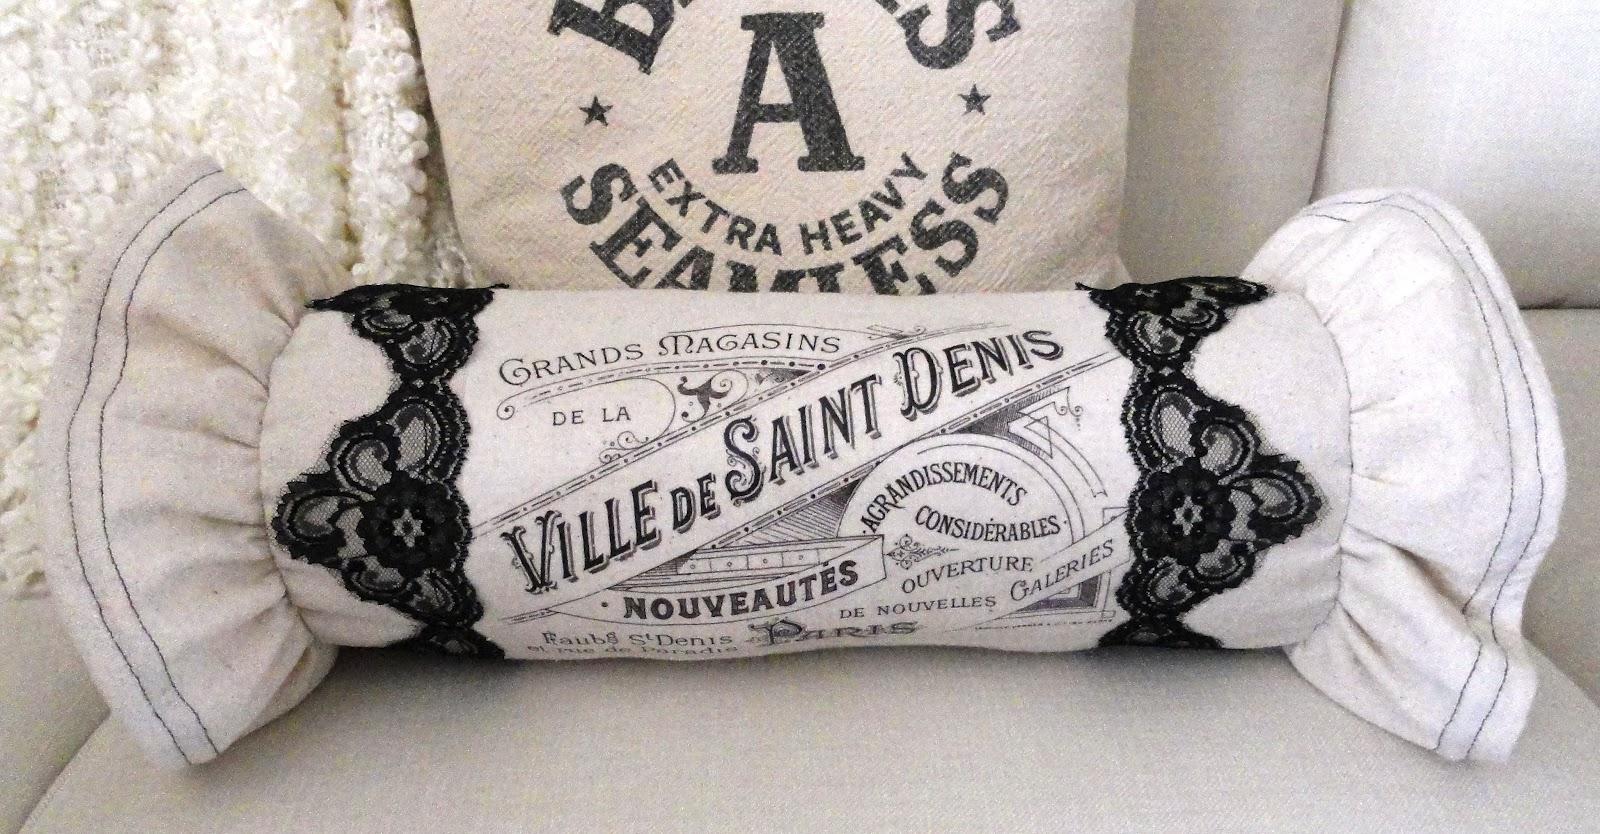 Fabulous Paris Pillow & Fabulous Paris Pillow - The Graphics Fairy pillowsntoast.com